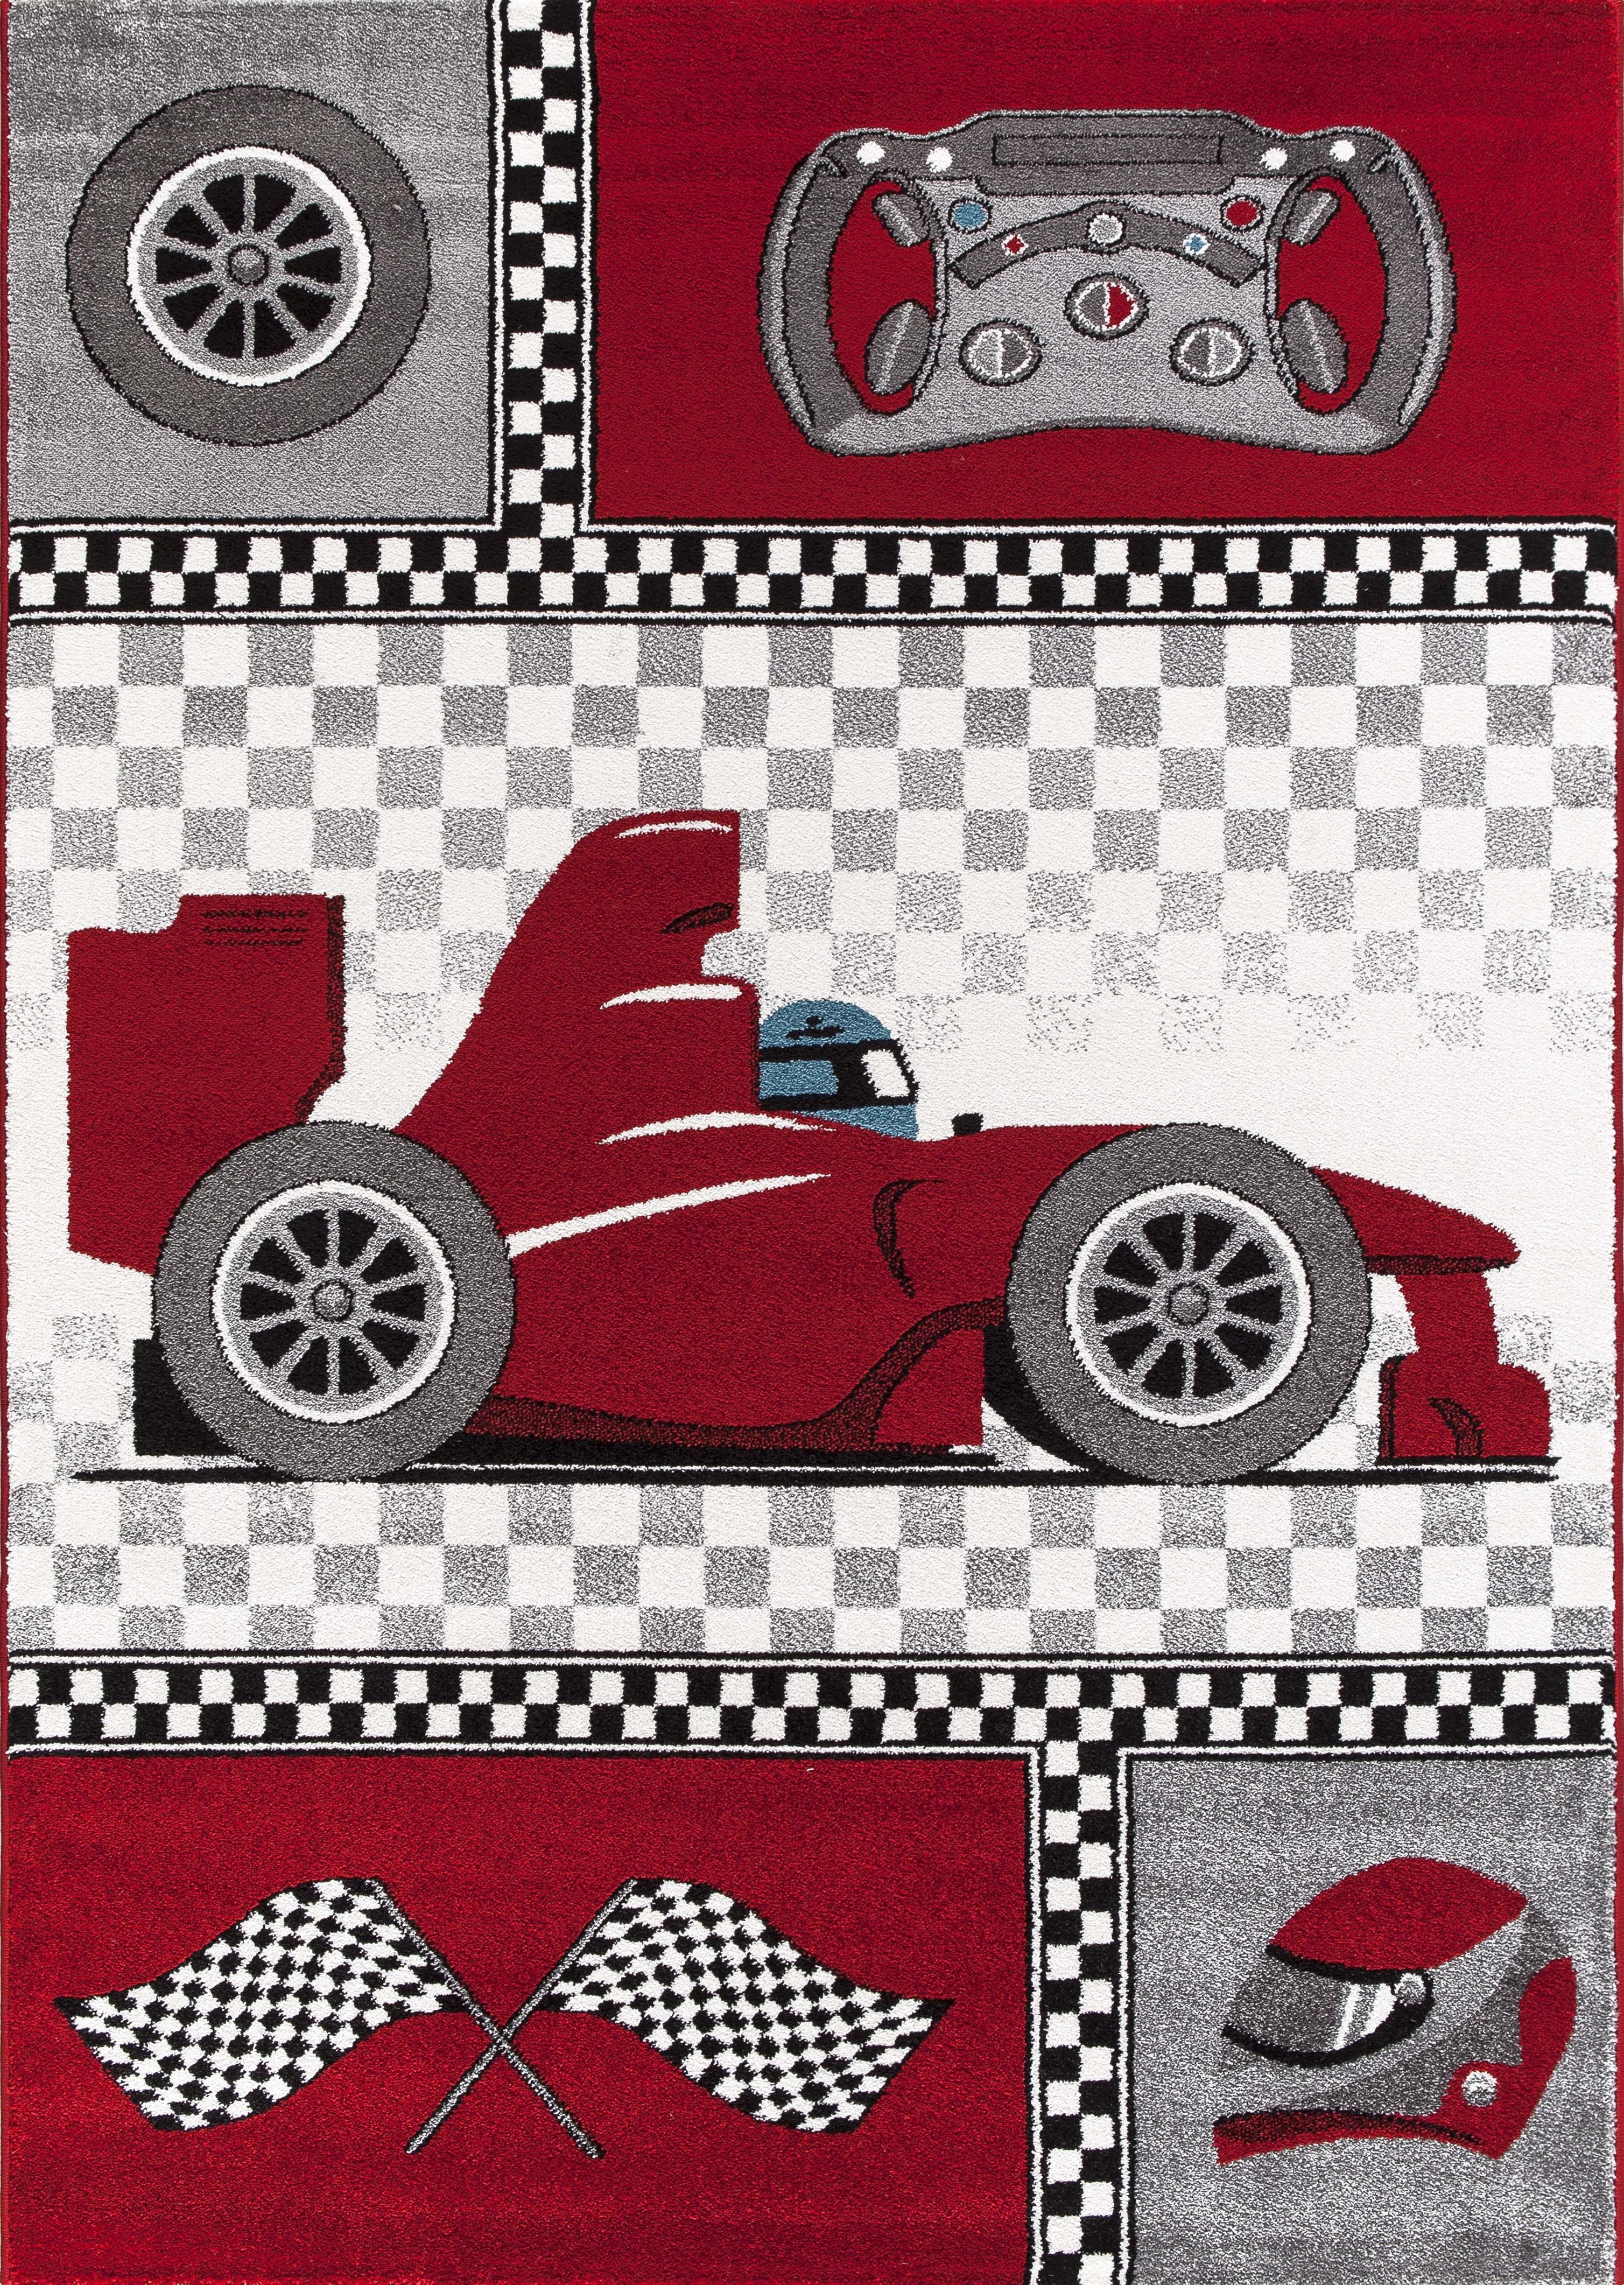 Tapis pour chambre de gar§on cr¨me et gris voiture F1 Speed